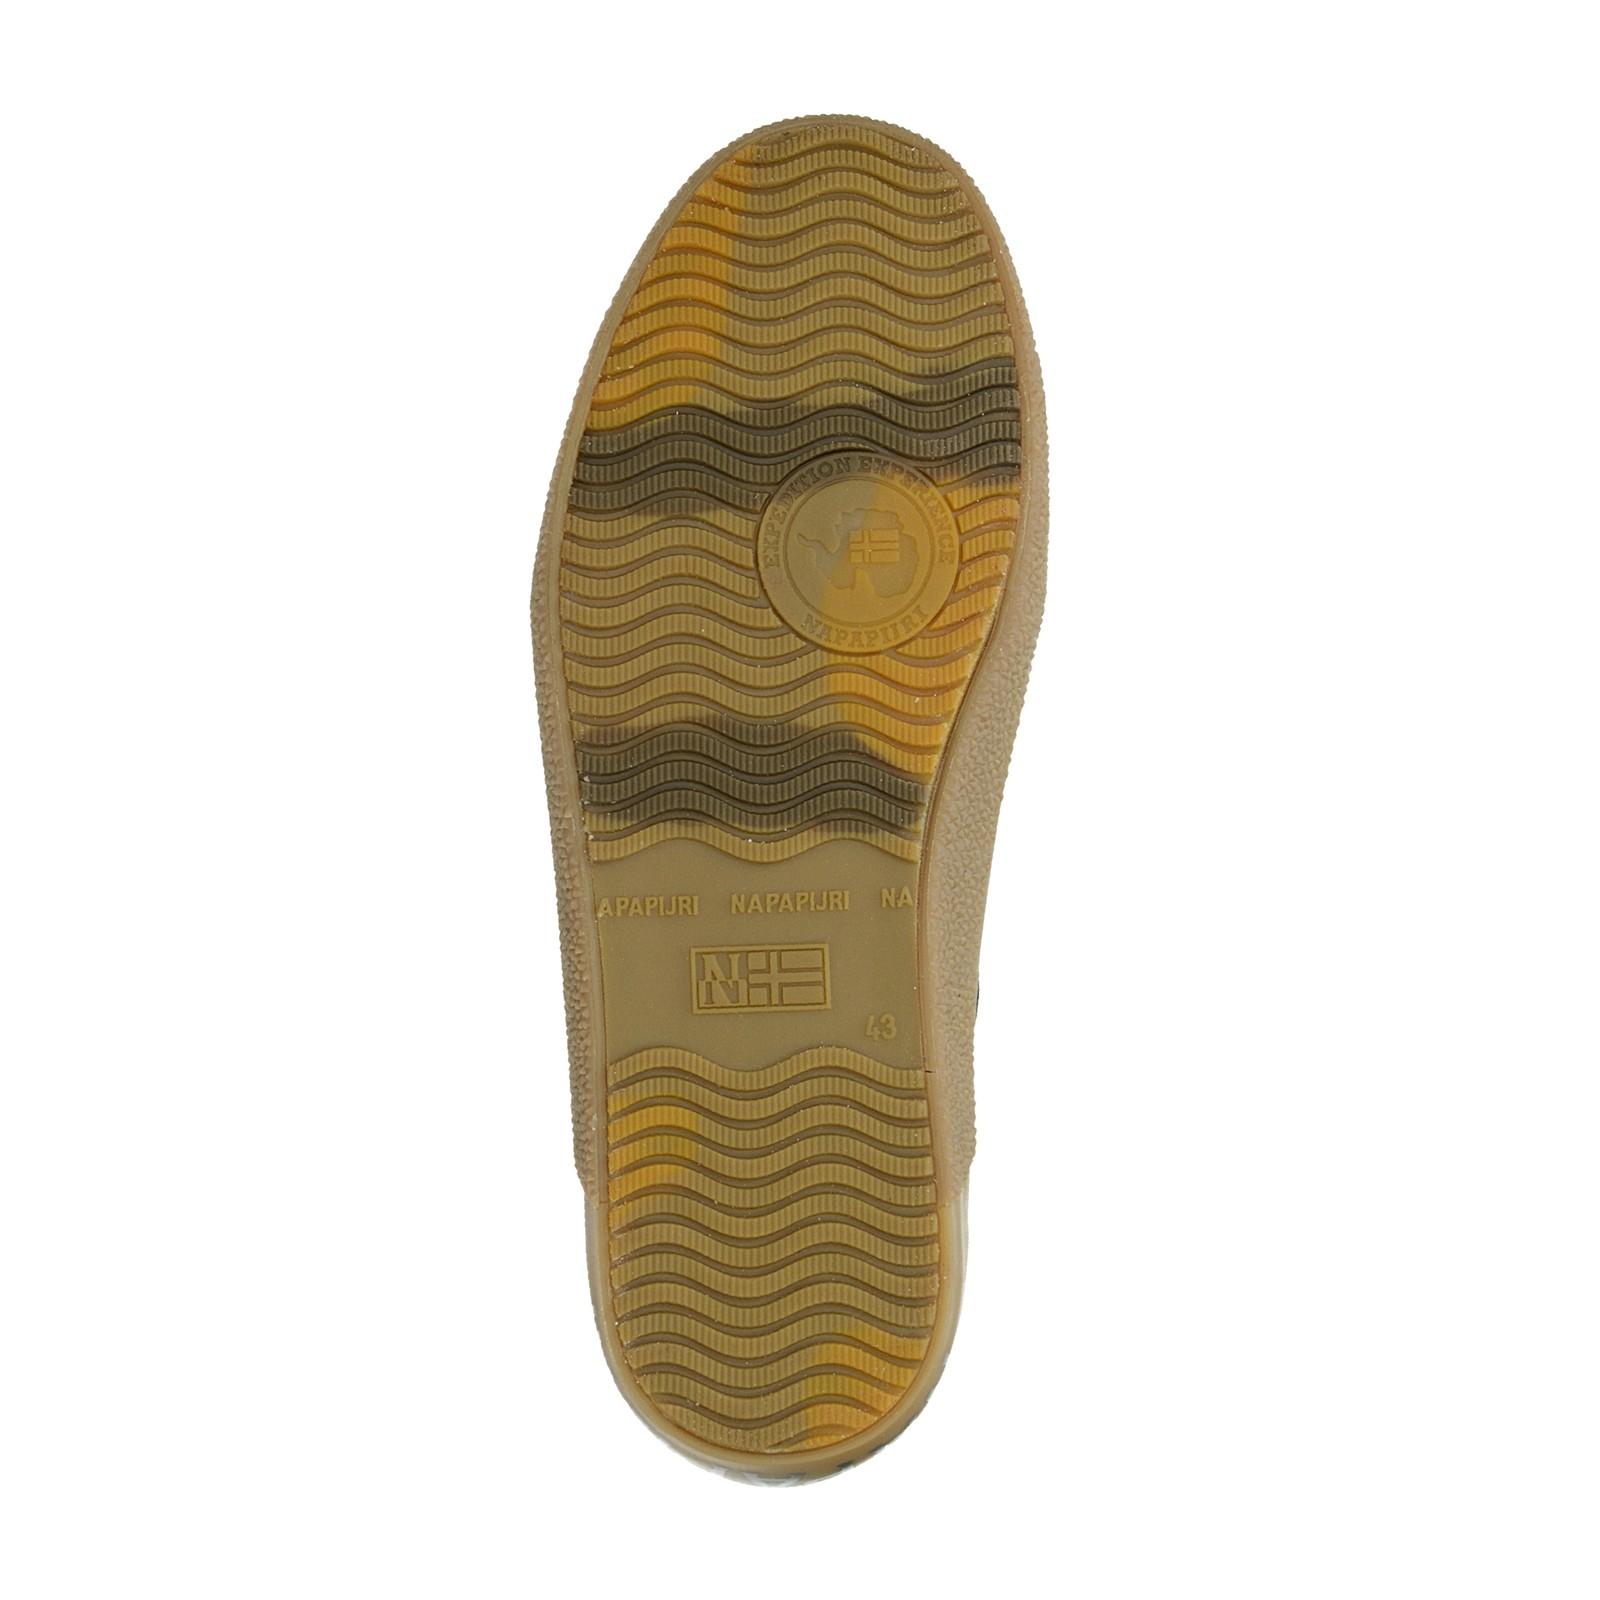 Napapijri pánske kožené tenisky - hnedé